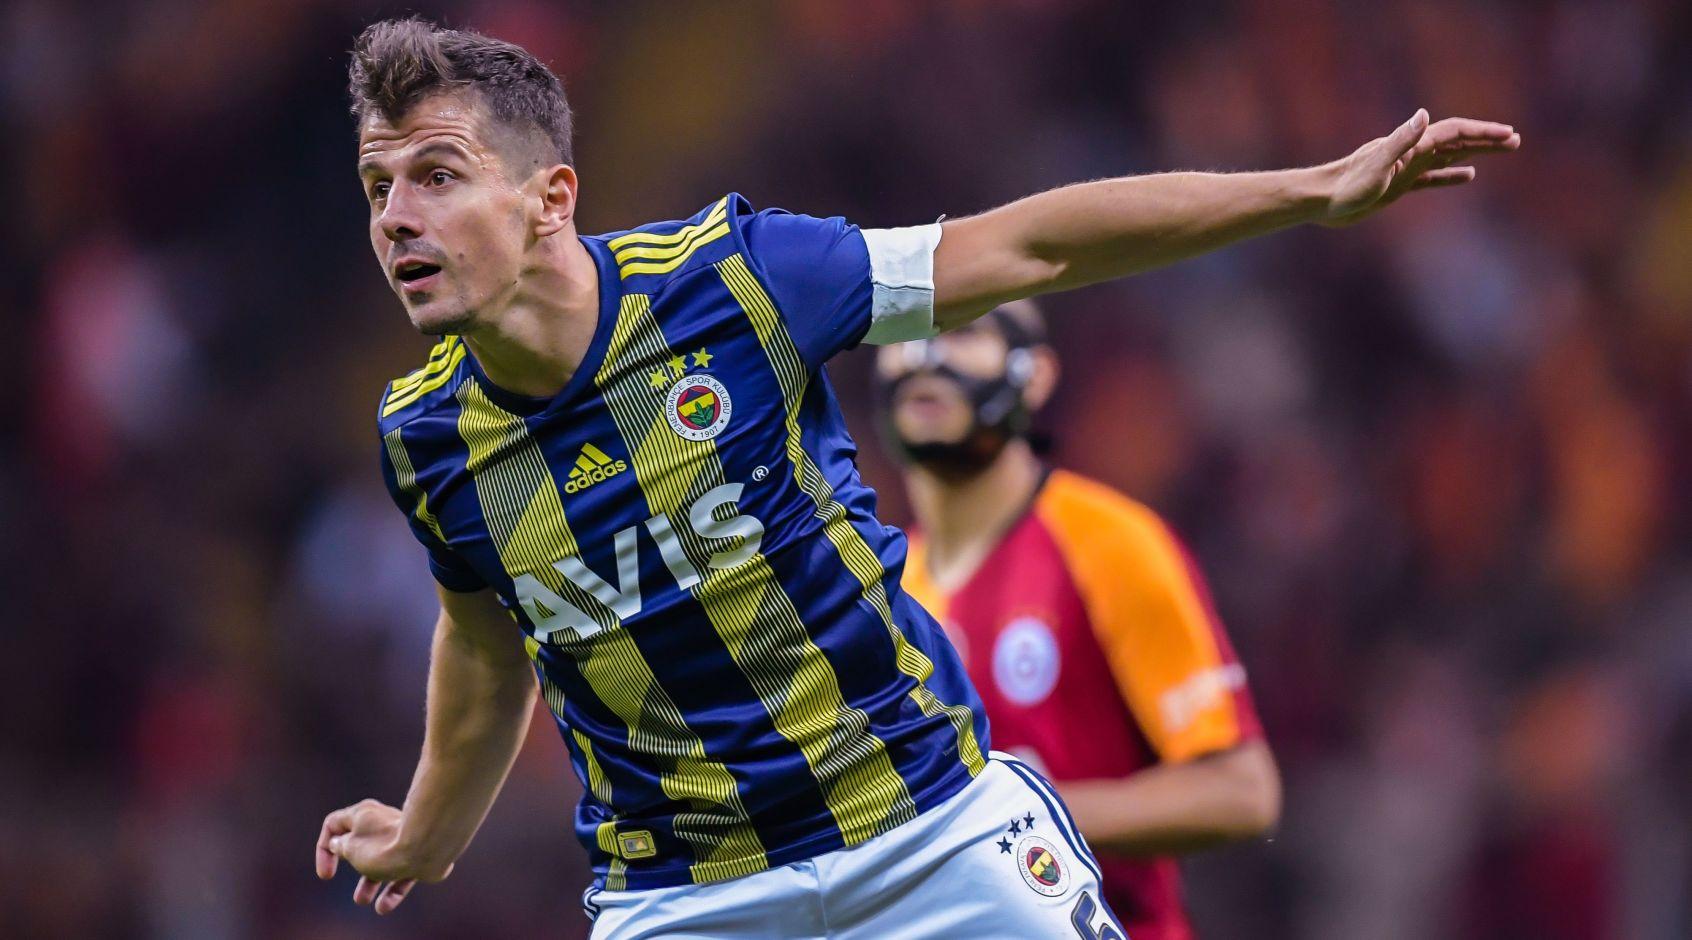 Эмре - первый игрок, забивавший в чемпионате Турции в четырех разных десятилетиях